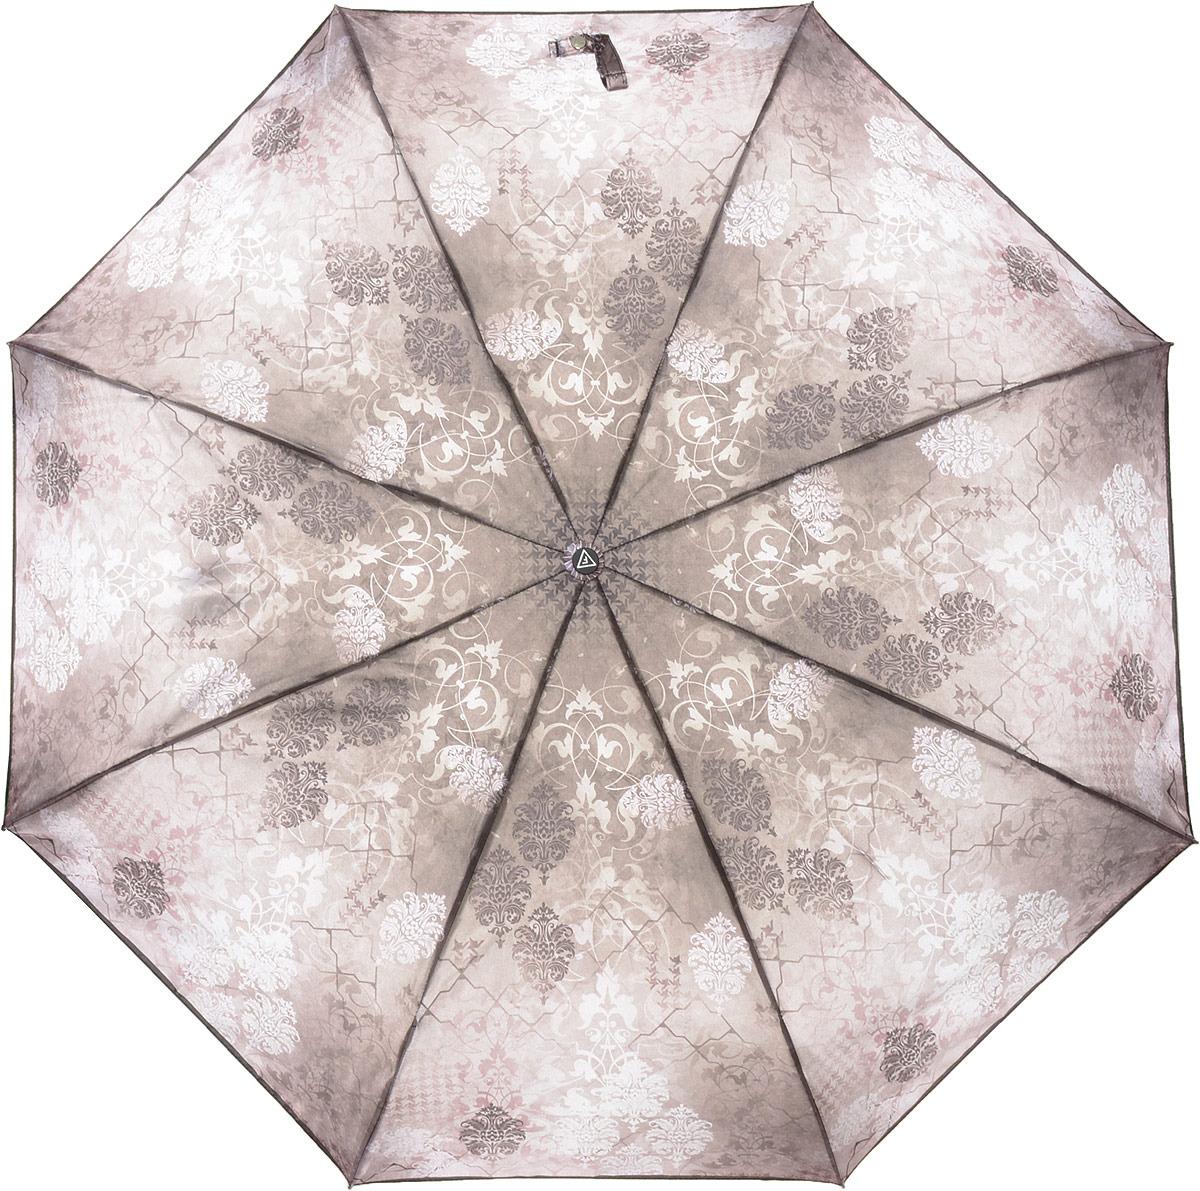 Зонт женский Fabretti, автомат, 3 сложения, цвет: бежевый. S-18106-9 цена и фото